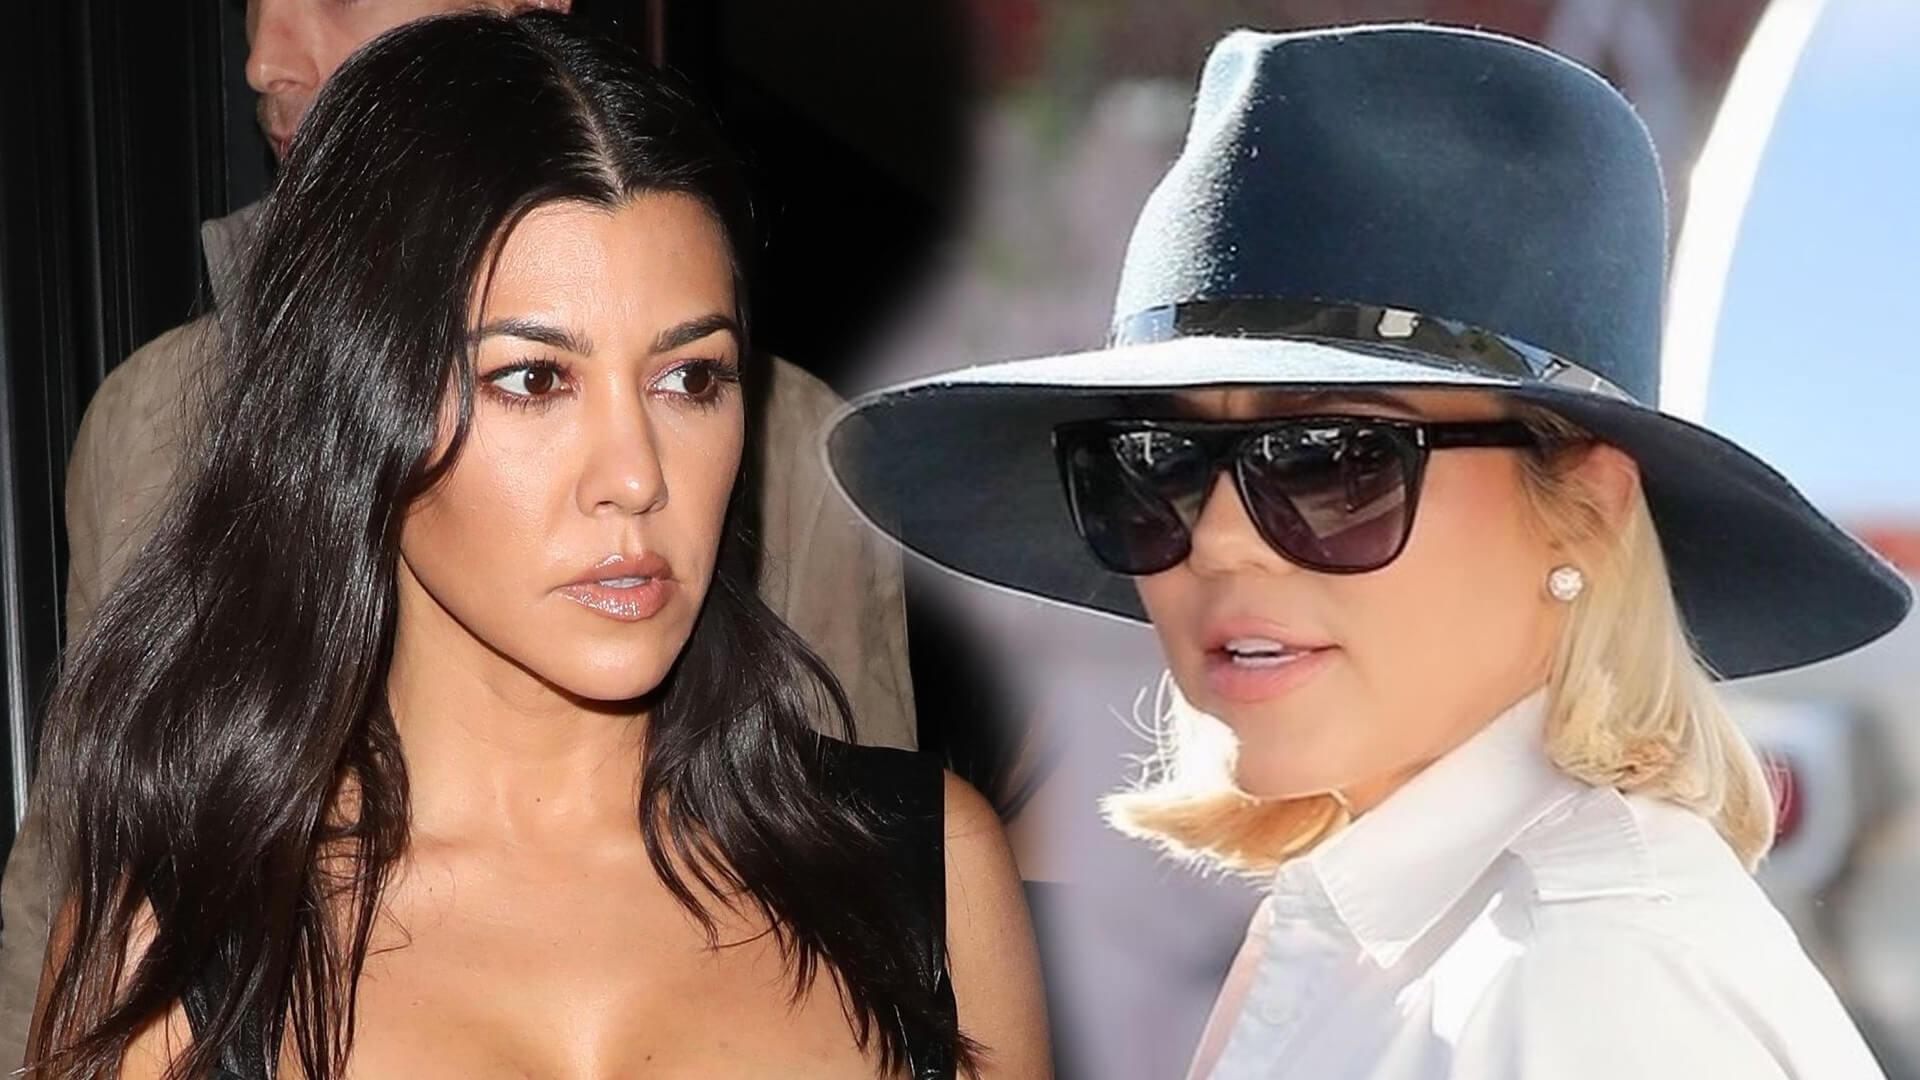 Khloe Kardashian w tajemniczym wpisie na Twitterze skrytykowała siostrę Kourtney za zrujnowanie wieczoru podczas Oscarów